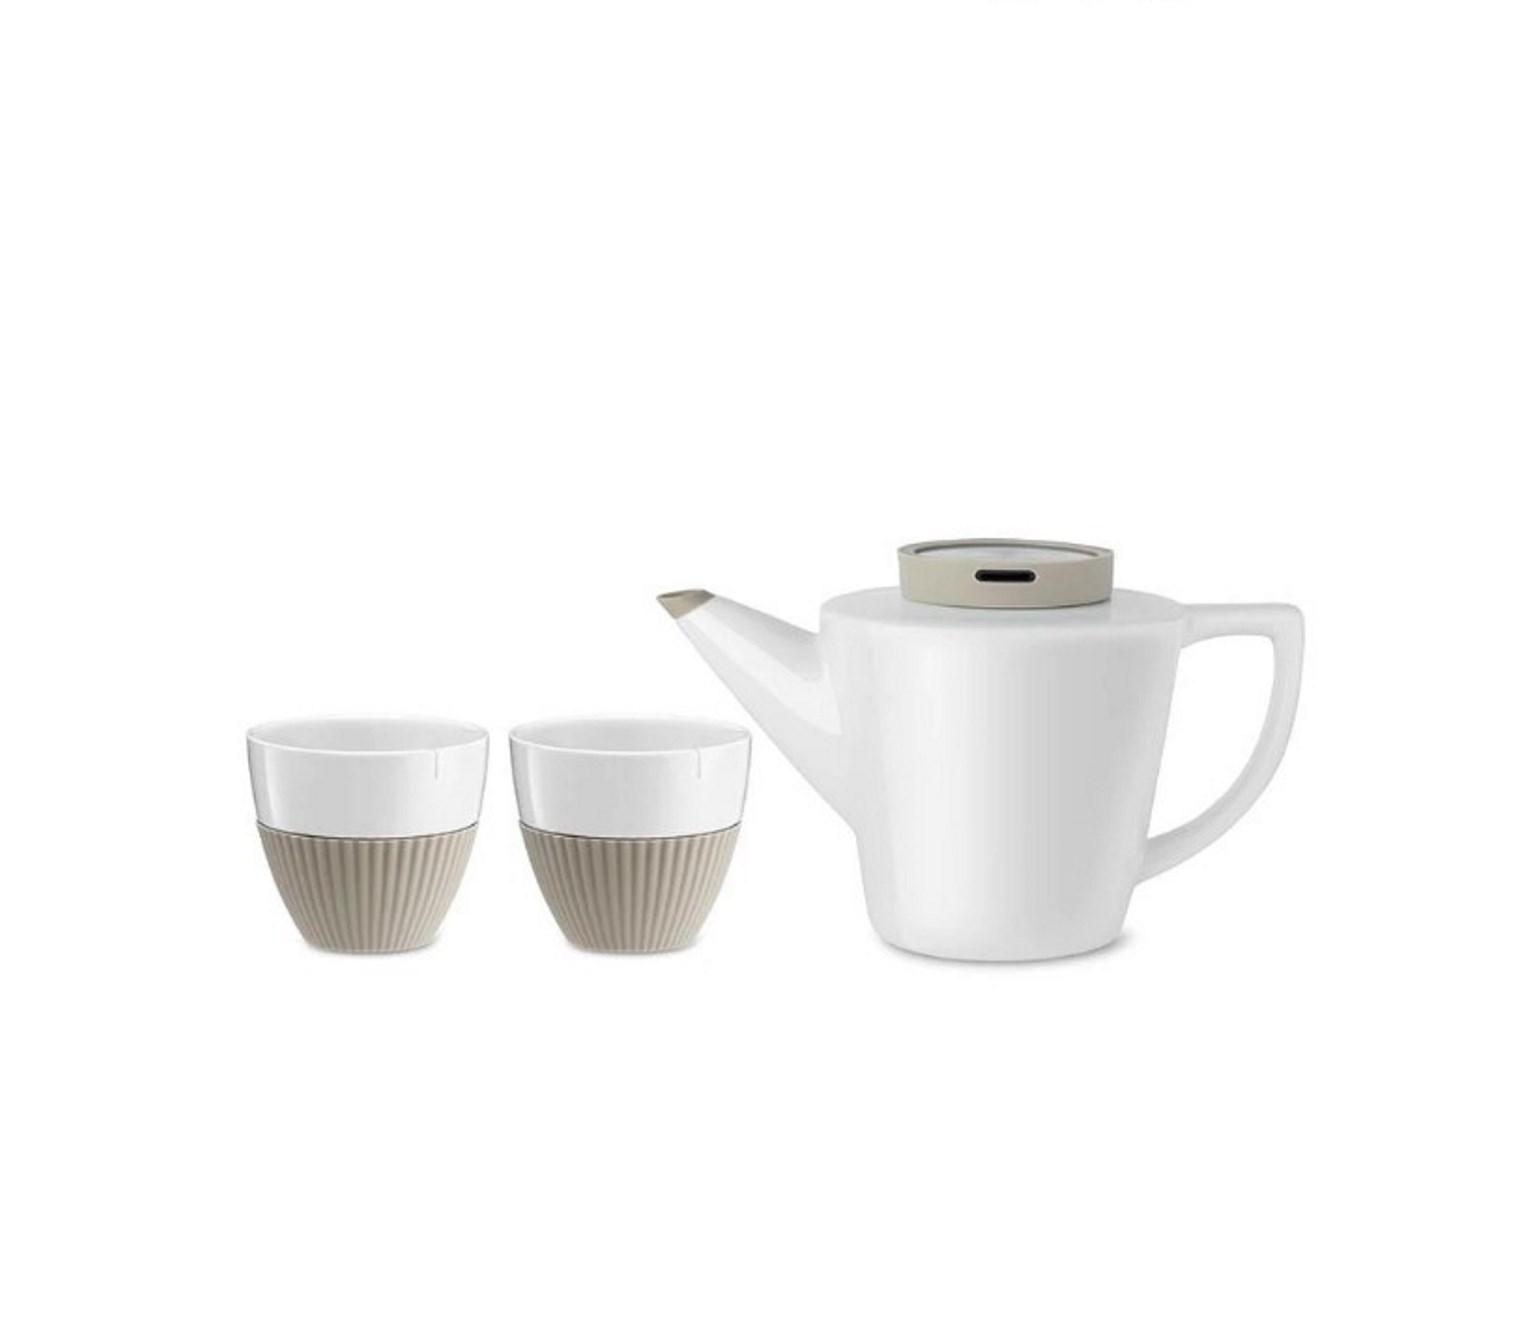 Онлайн каталог PROMENU: Набор для чая (чайник 22,8х13,3х13,4 см и 2 чашки 8,5х9,4 см) Viva Scandinavia INFUSION, бежевый, 3 предмета  V24121